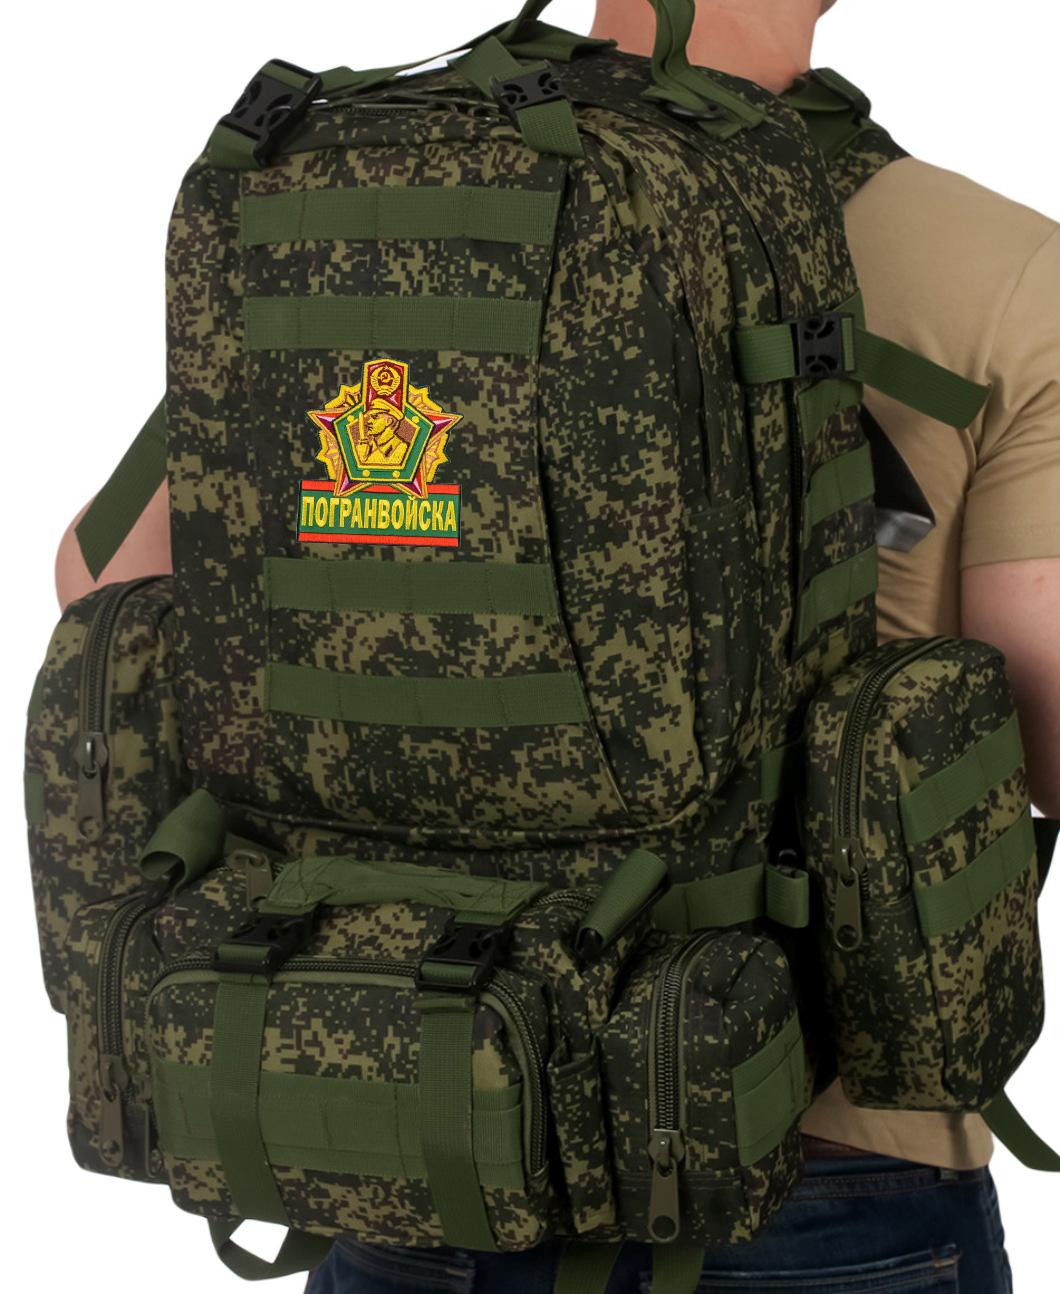 Рейдовый рюкзак с нашивкой Погранвойска - купить в подарок